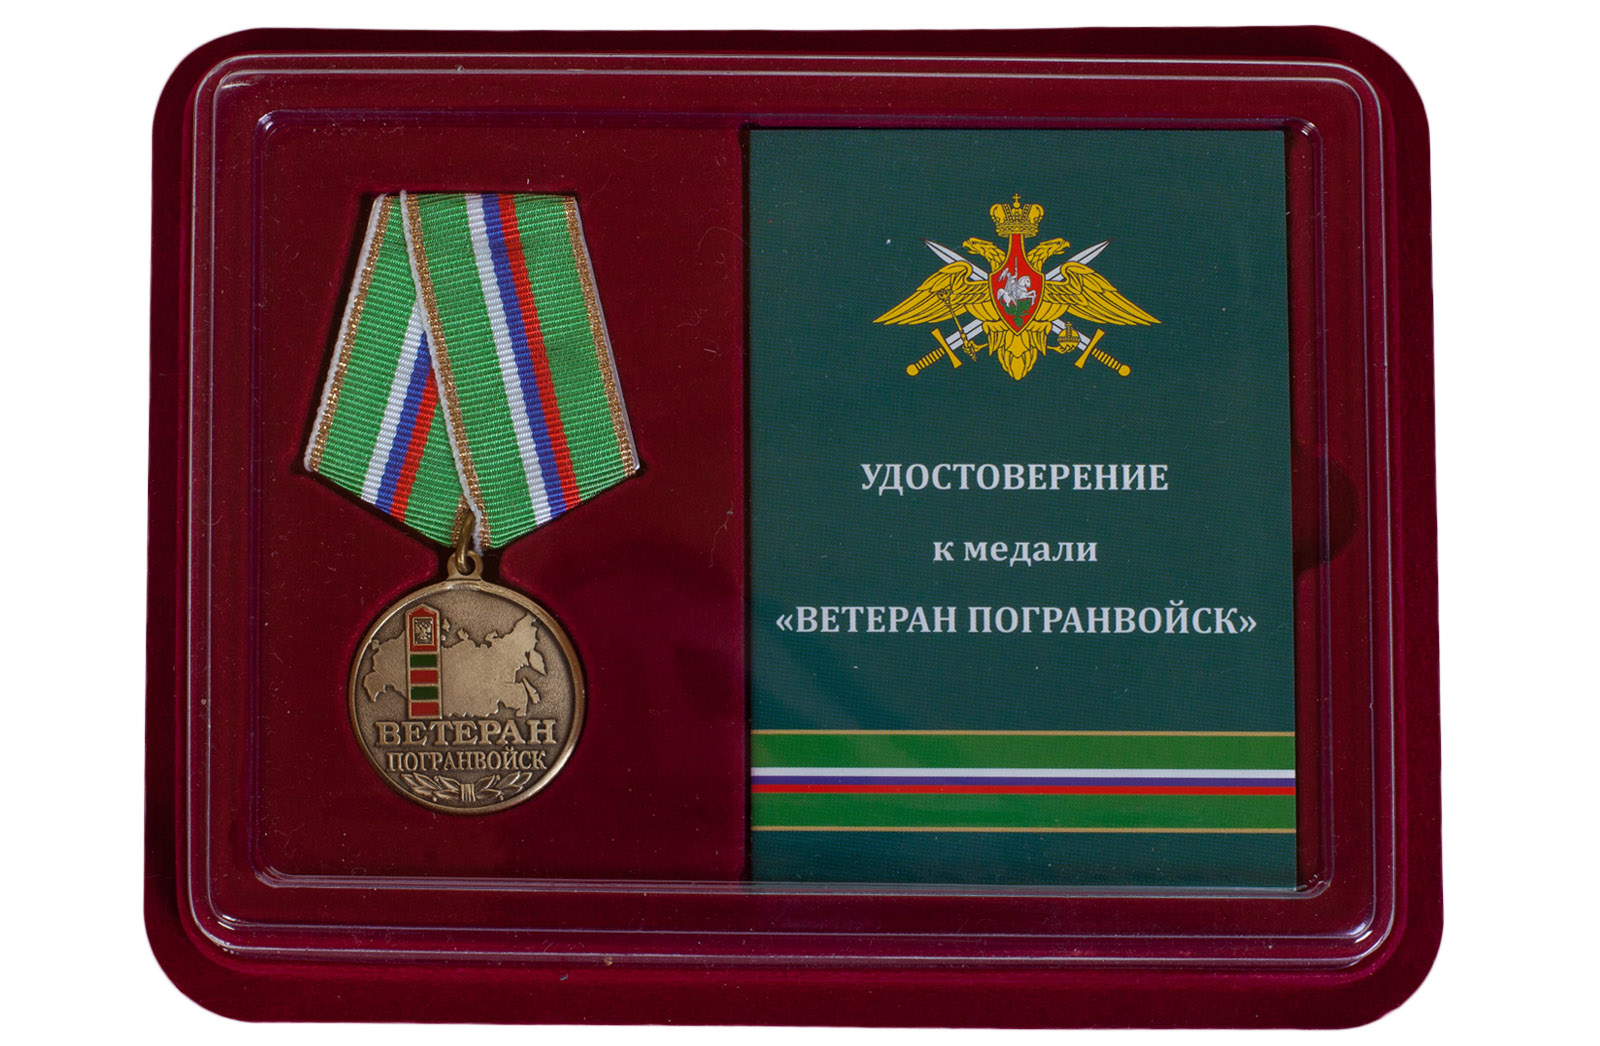 Купить медаль Ветеран Погранвойск в футляре с удостоверением онлайн выгодно